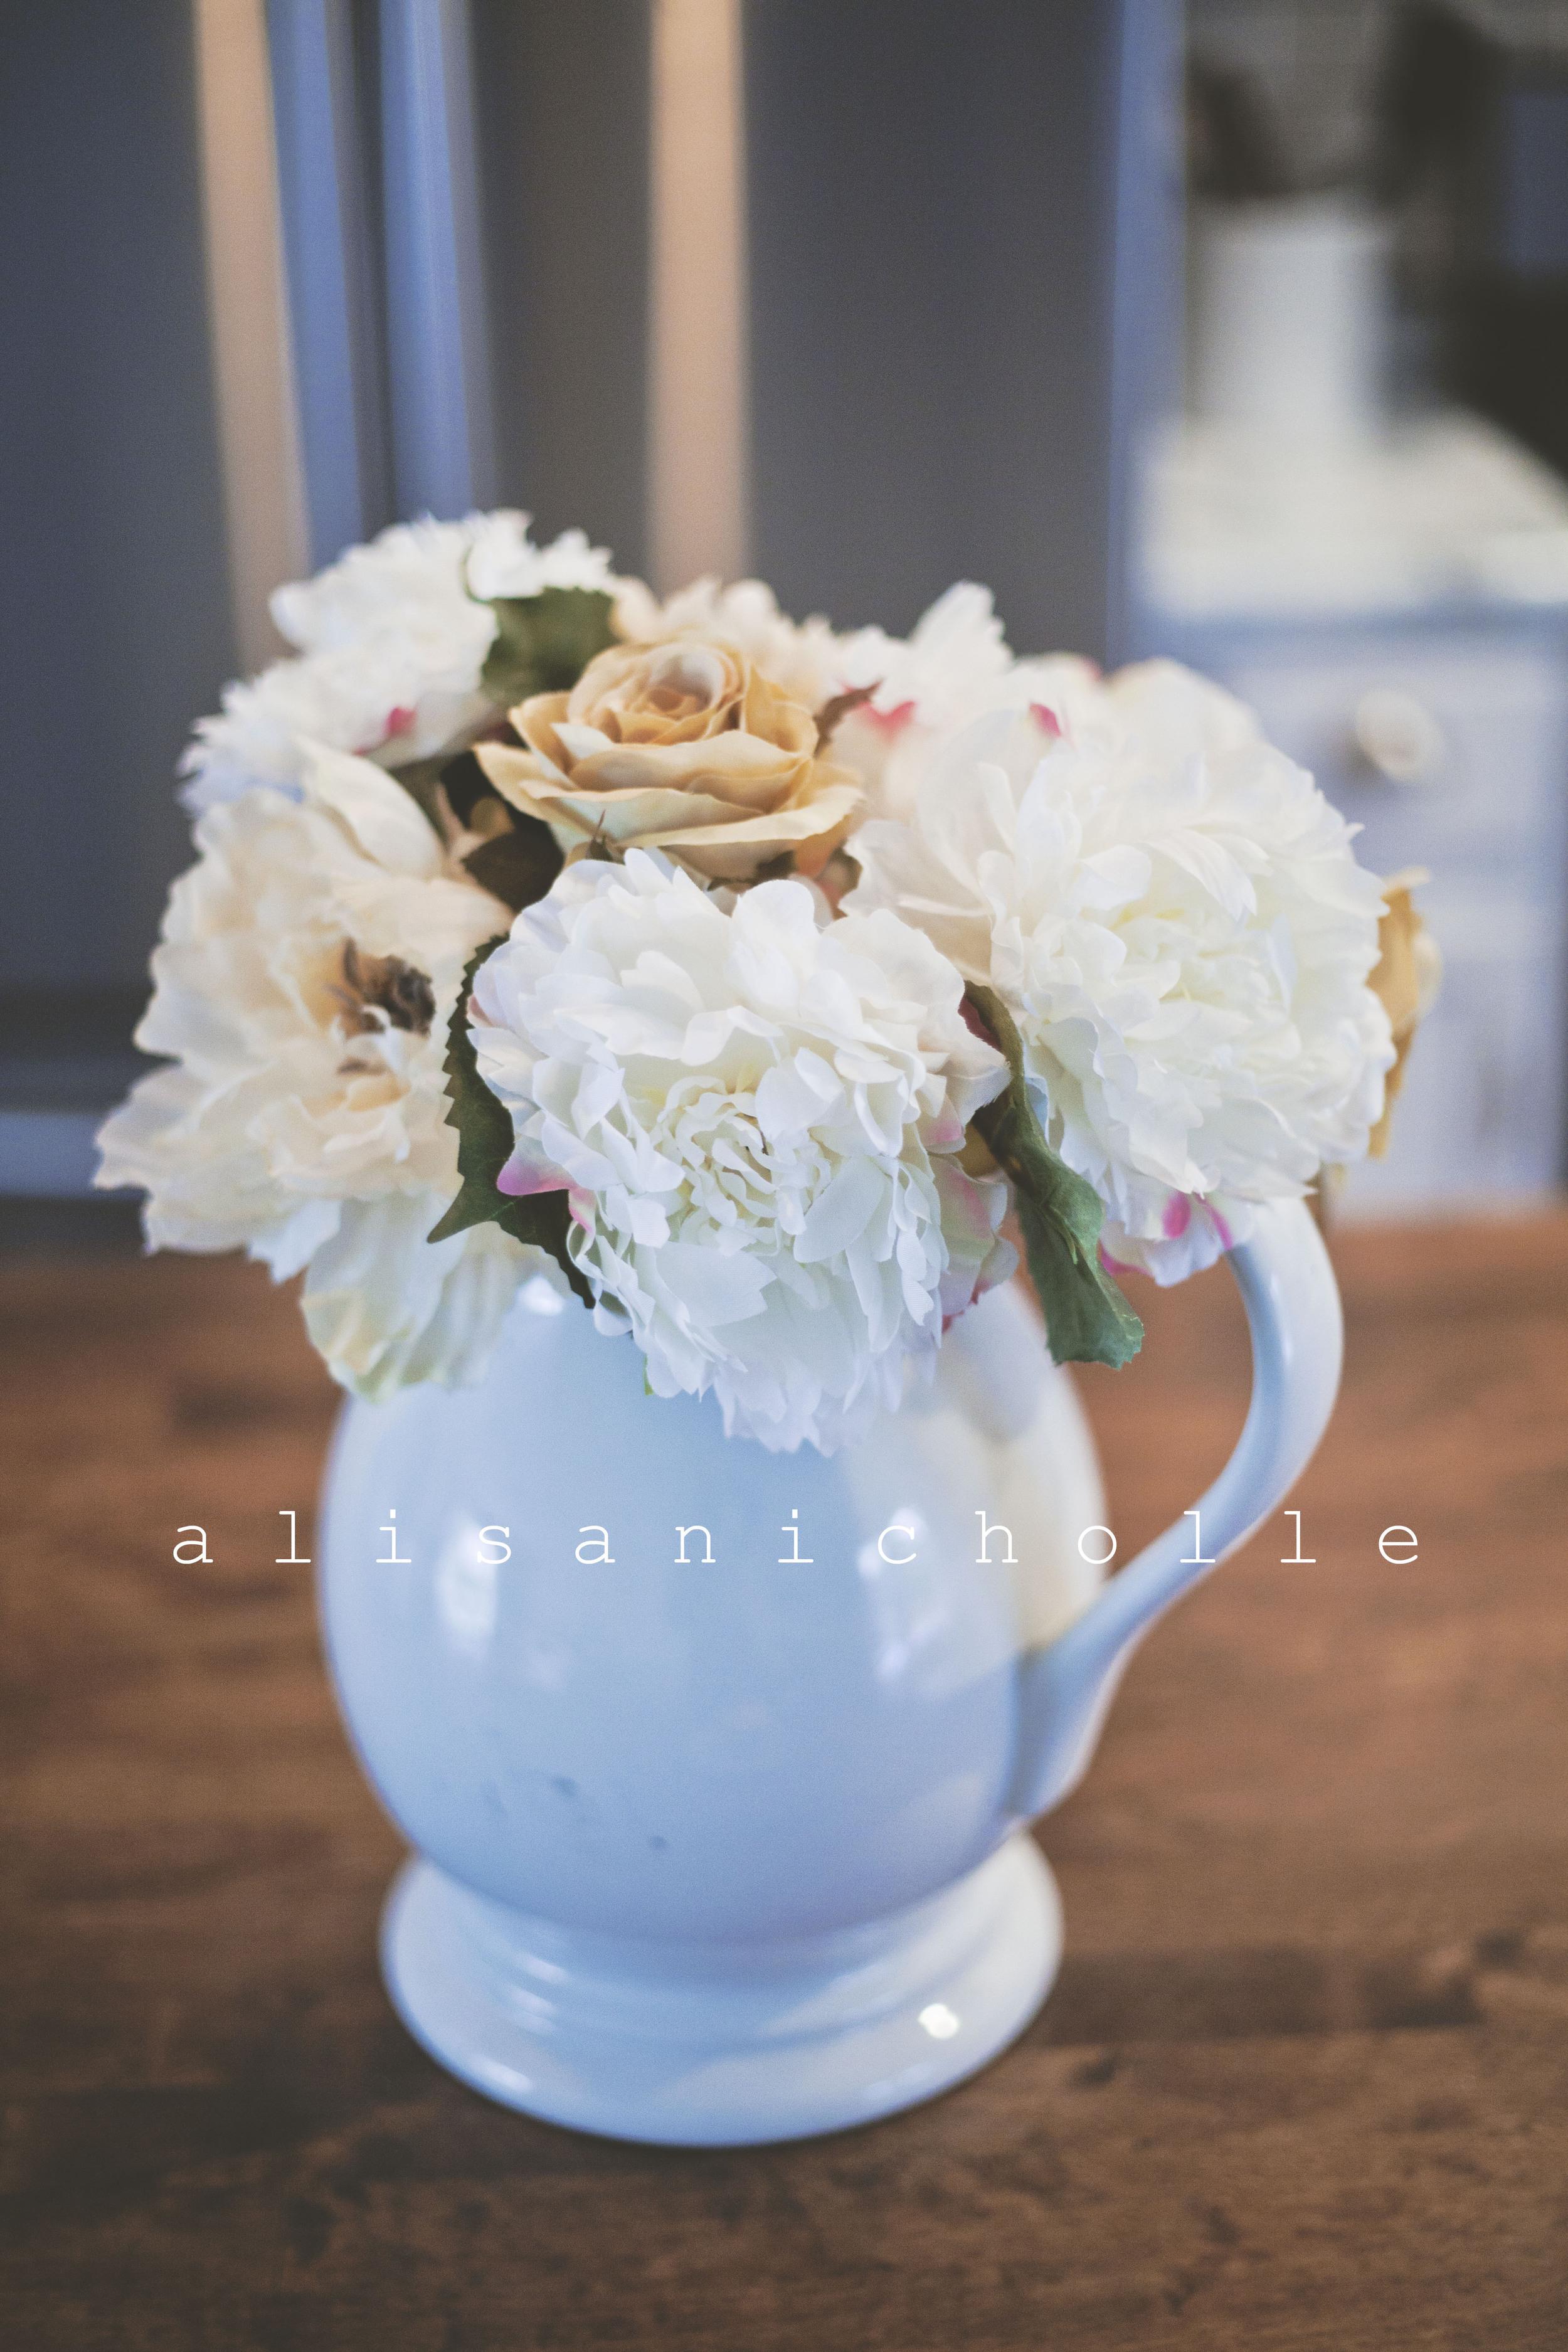 vase of flowers.jpg